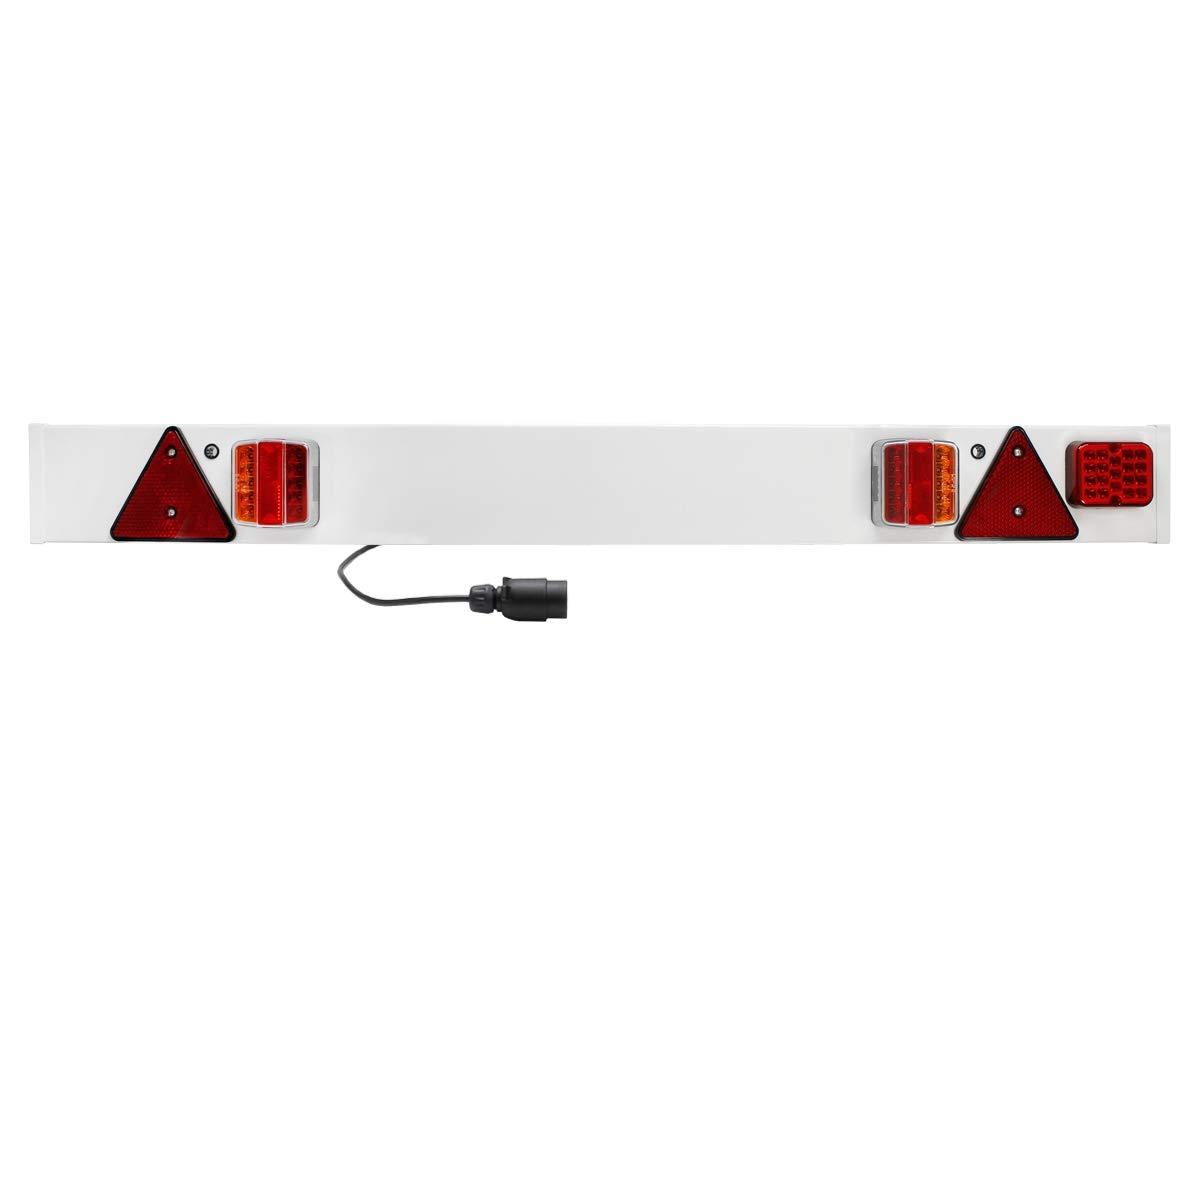 ECD-Germany Eclairage remorque 12V - Homologation E4-137 x 14 cm - câble de 6 m - Rampe éclairage LED - Barre Feux arrière